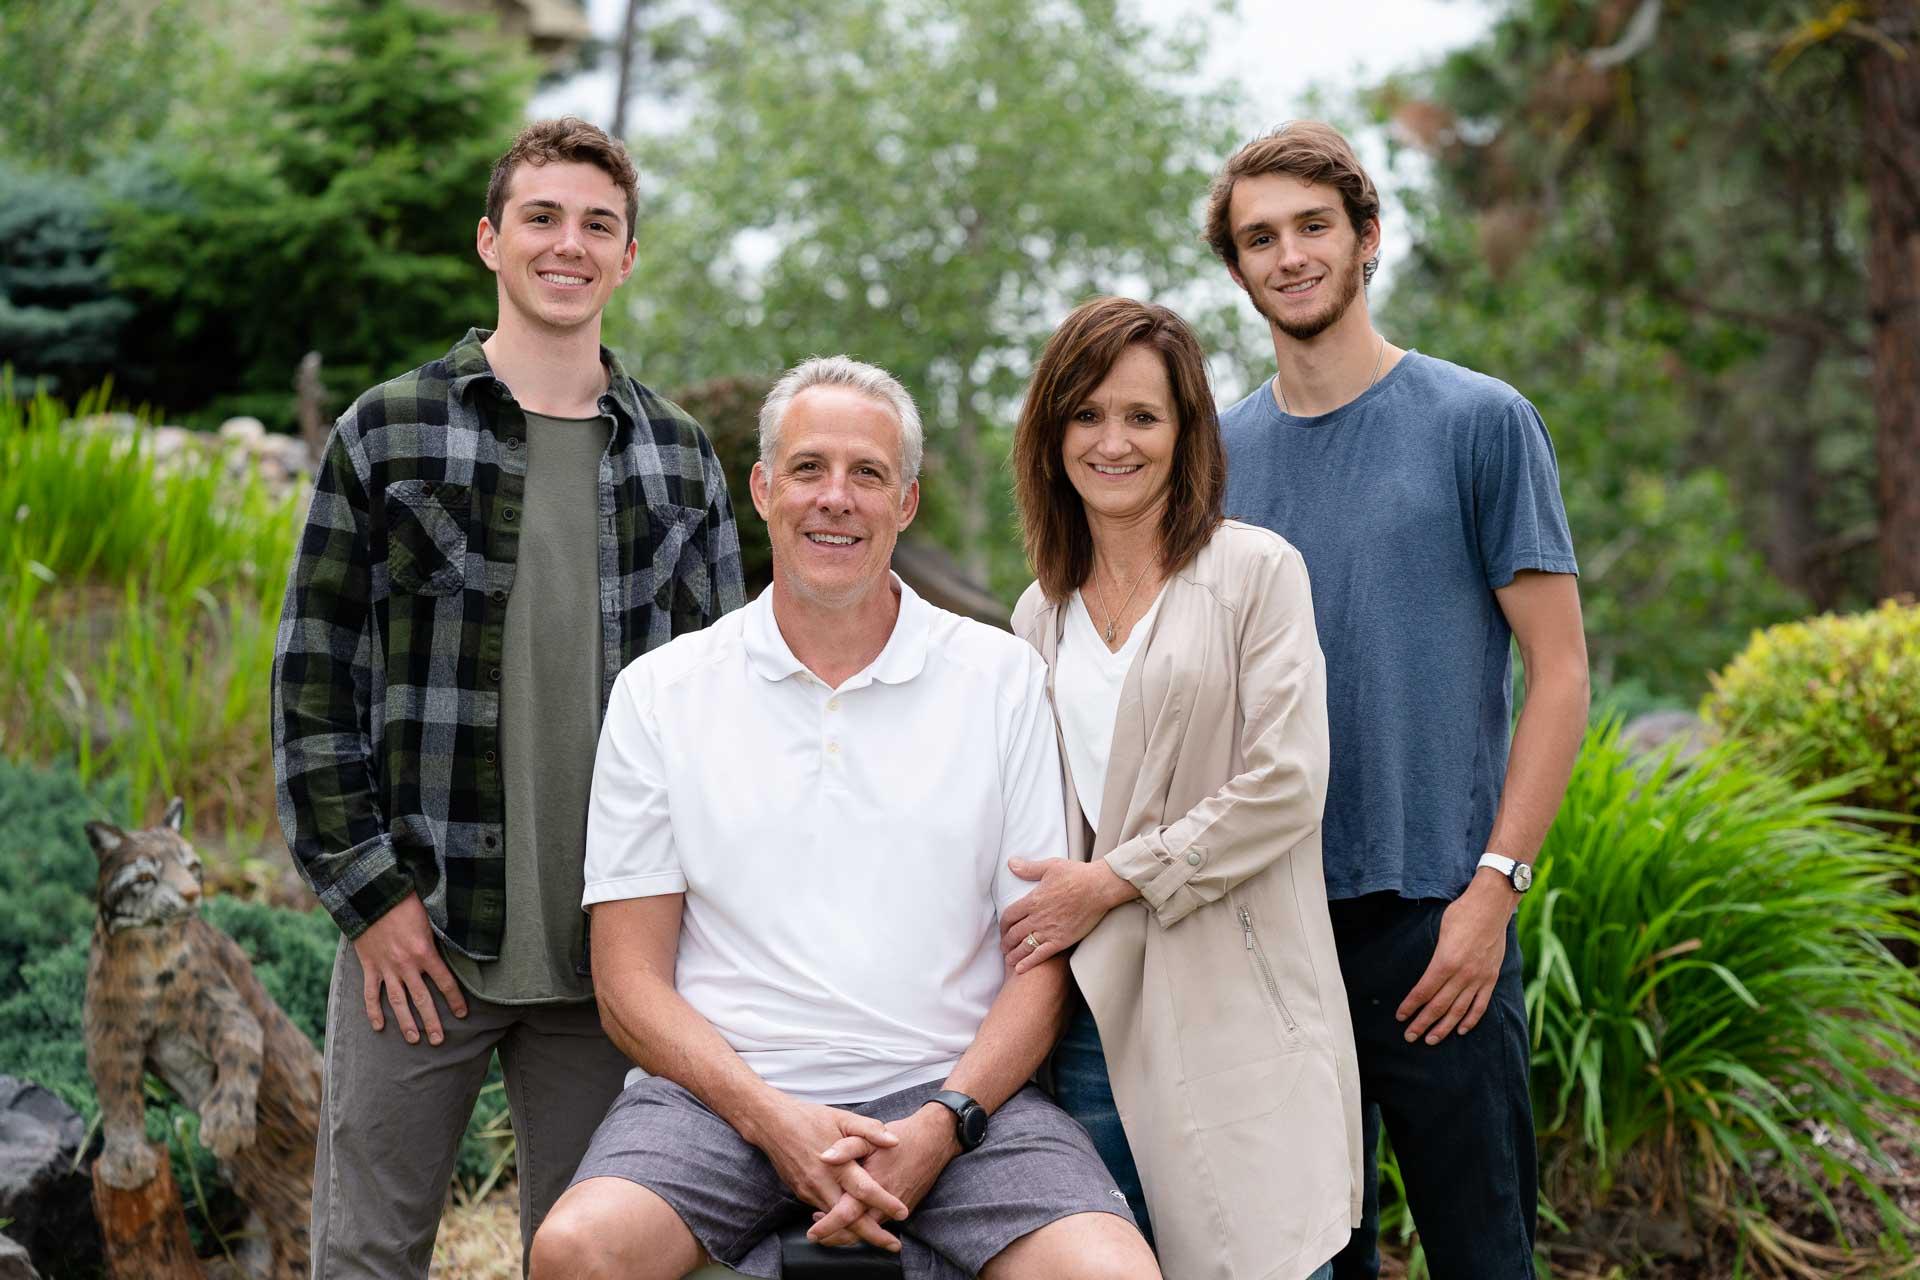 Backyard family photo